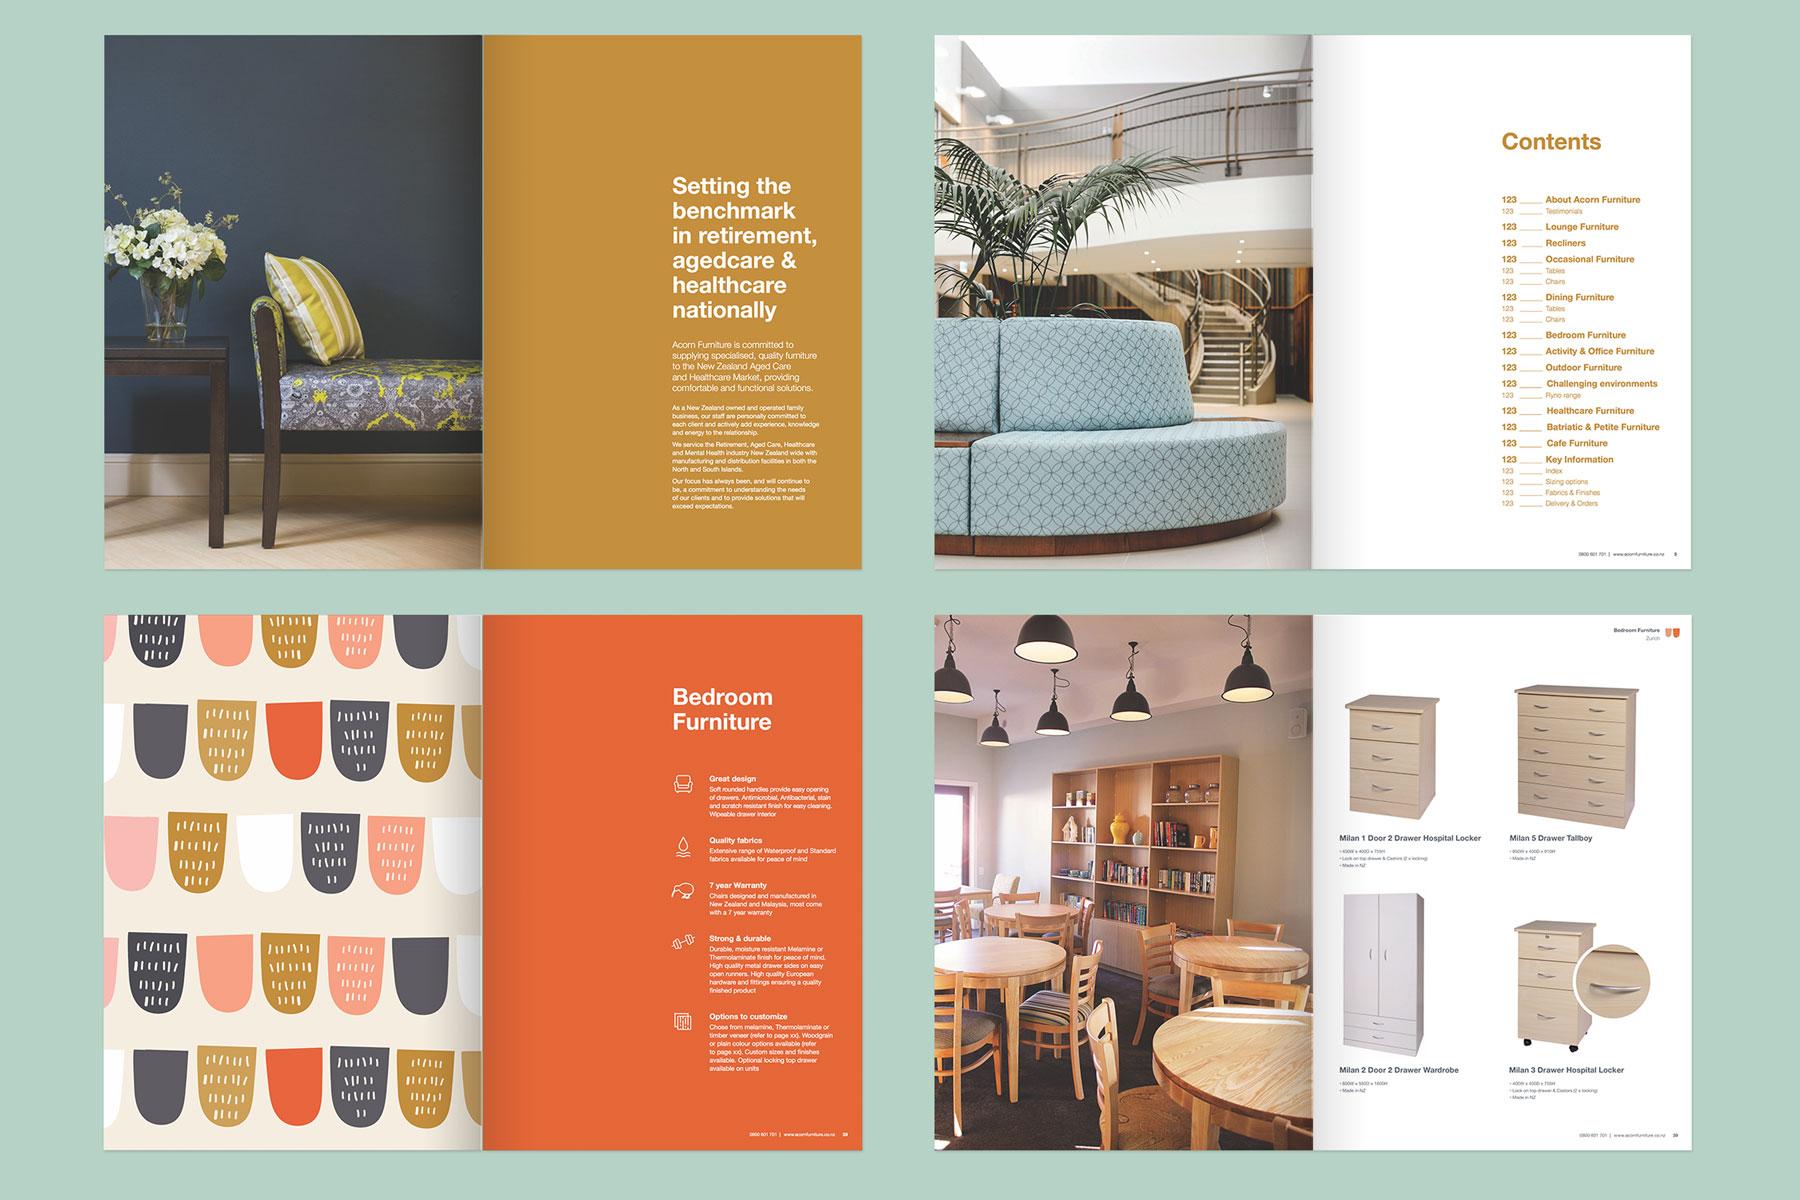 acorn-furniture004